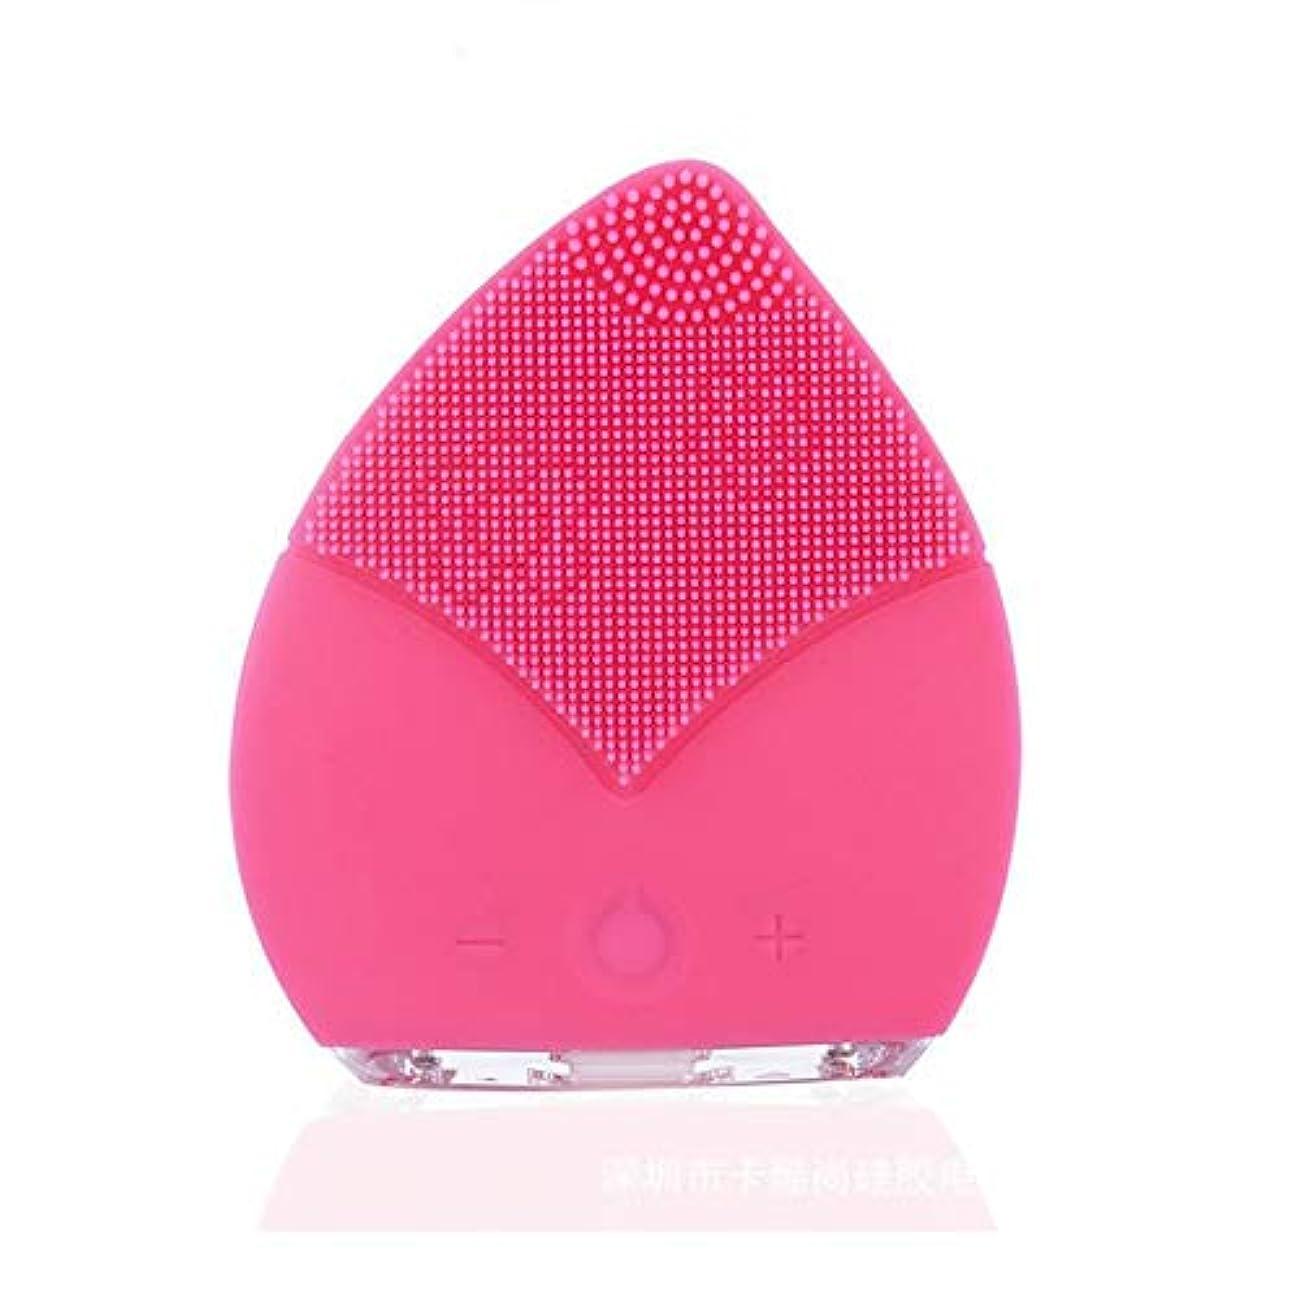 起業家印刷するスクレーパーZXF コンパクトポータブルクリーニングポアクレンジング楽器電気シリコーンダブル振動クレンジングブラシ超音波防水ミュート美容機器 滑らかである (色 : Pink)